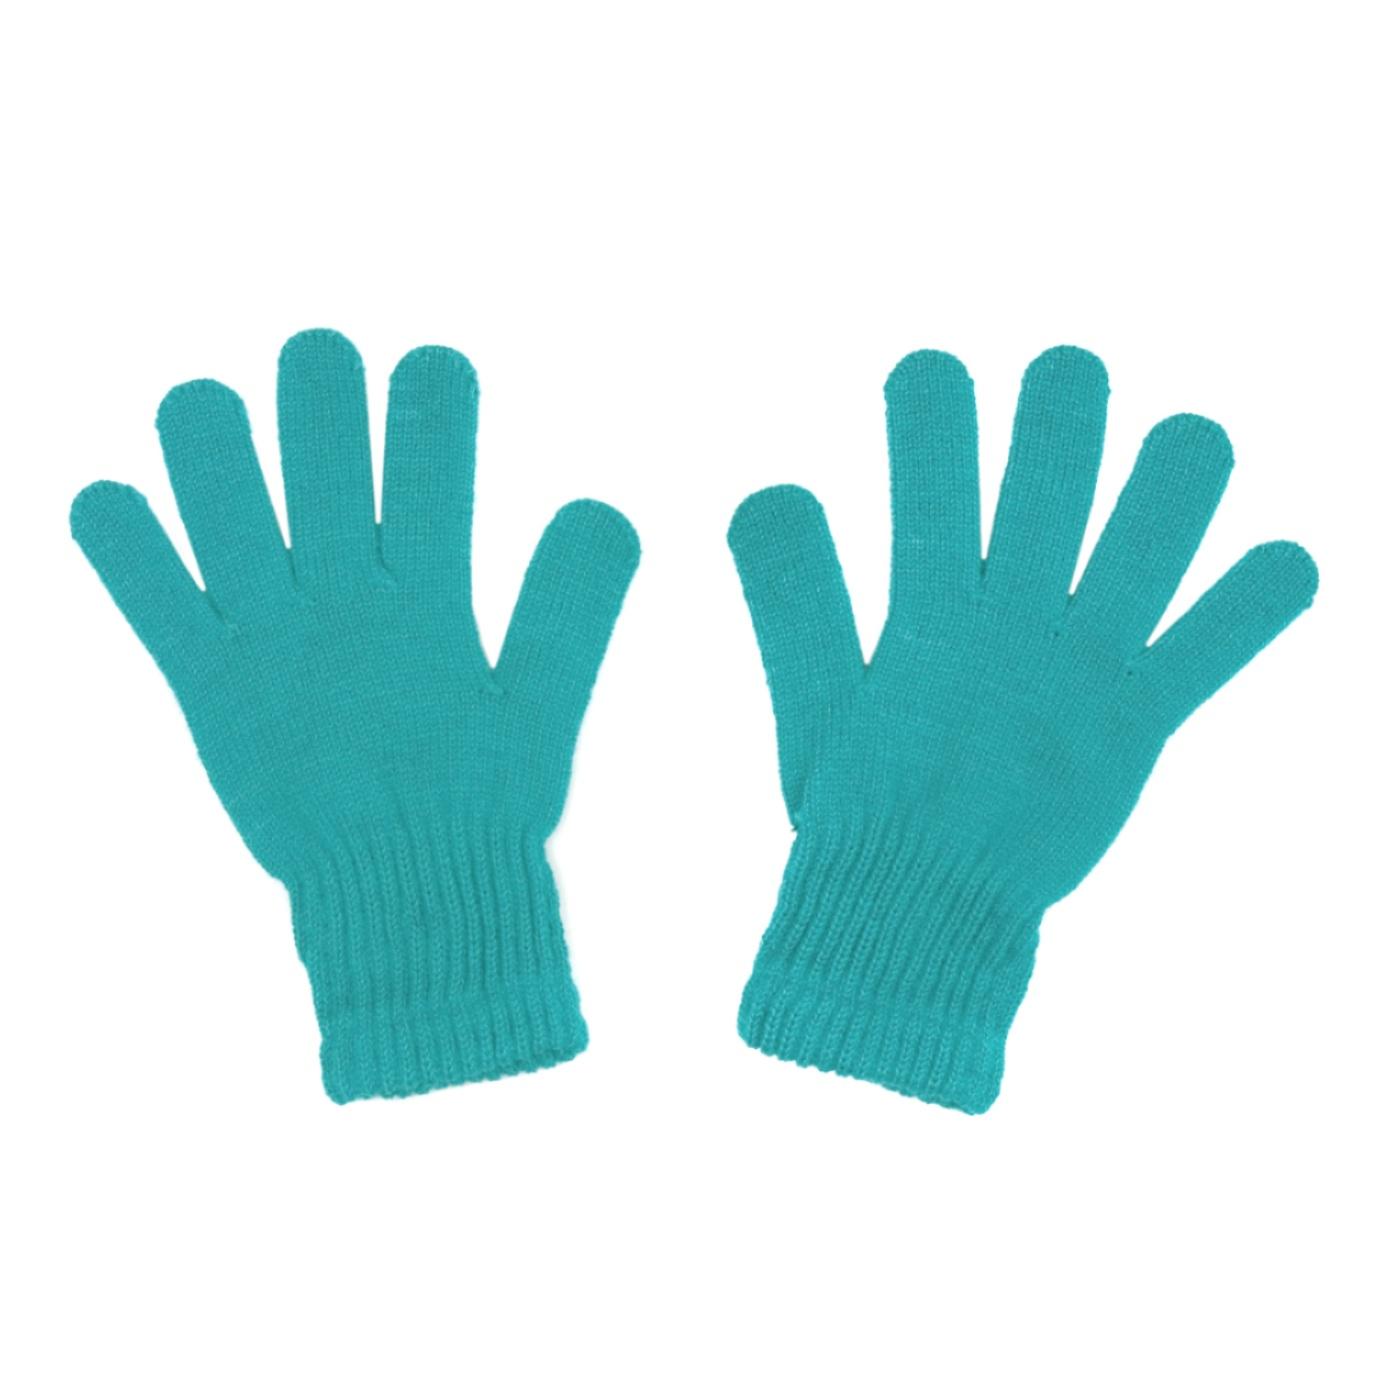 Damskie rękawiczki zimowe: turkusowe (jasne)